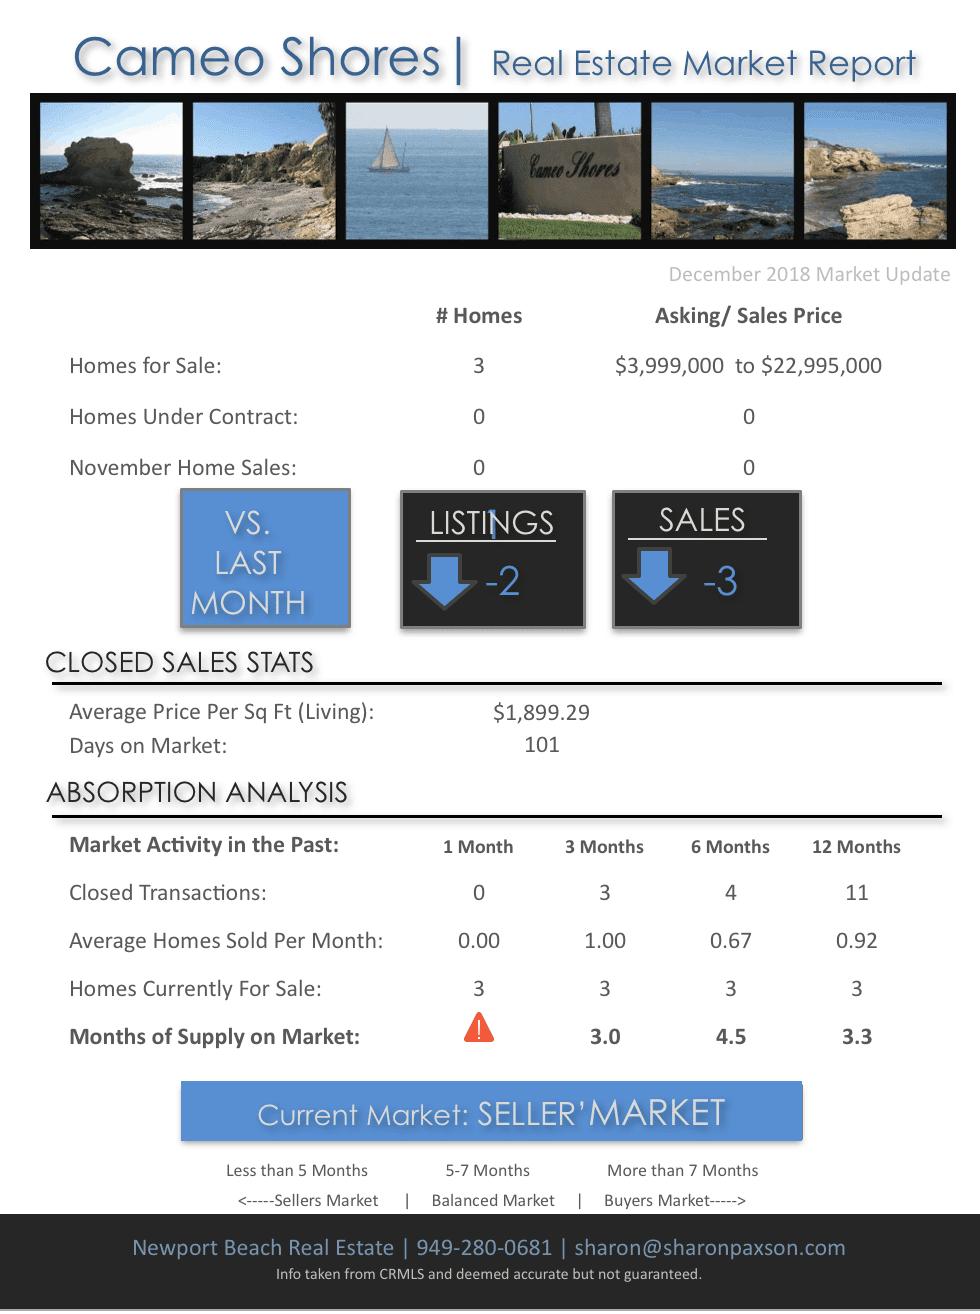 Real Estate Market in Cameo Shores in Corona del Mar December 2018